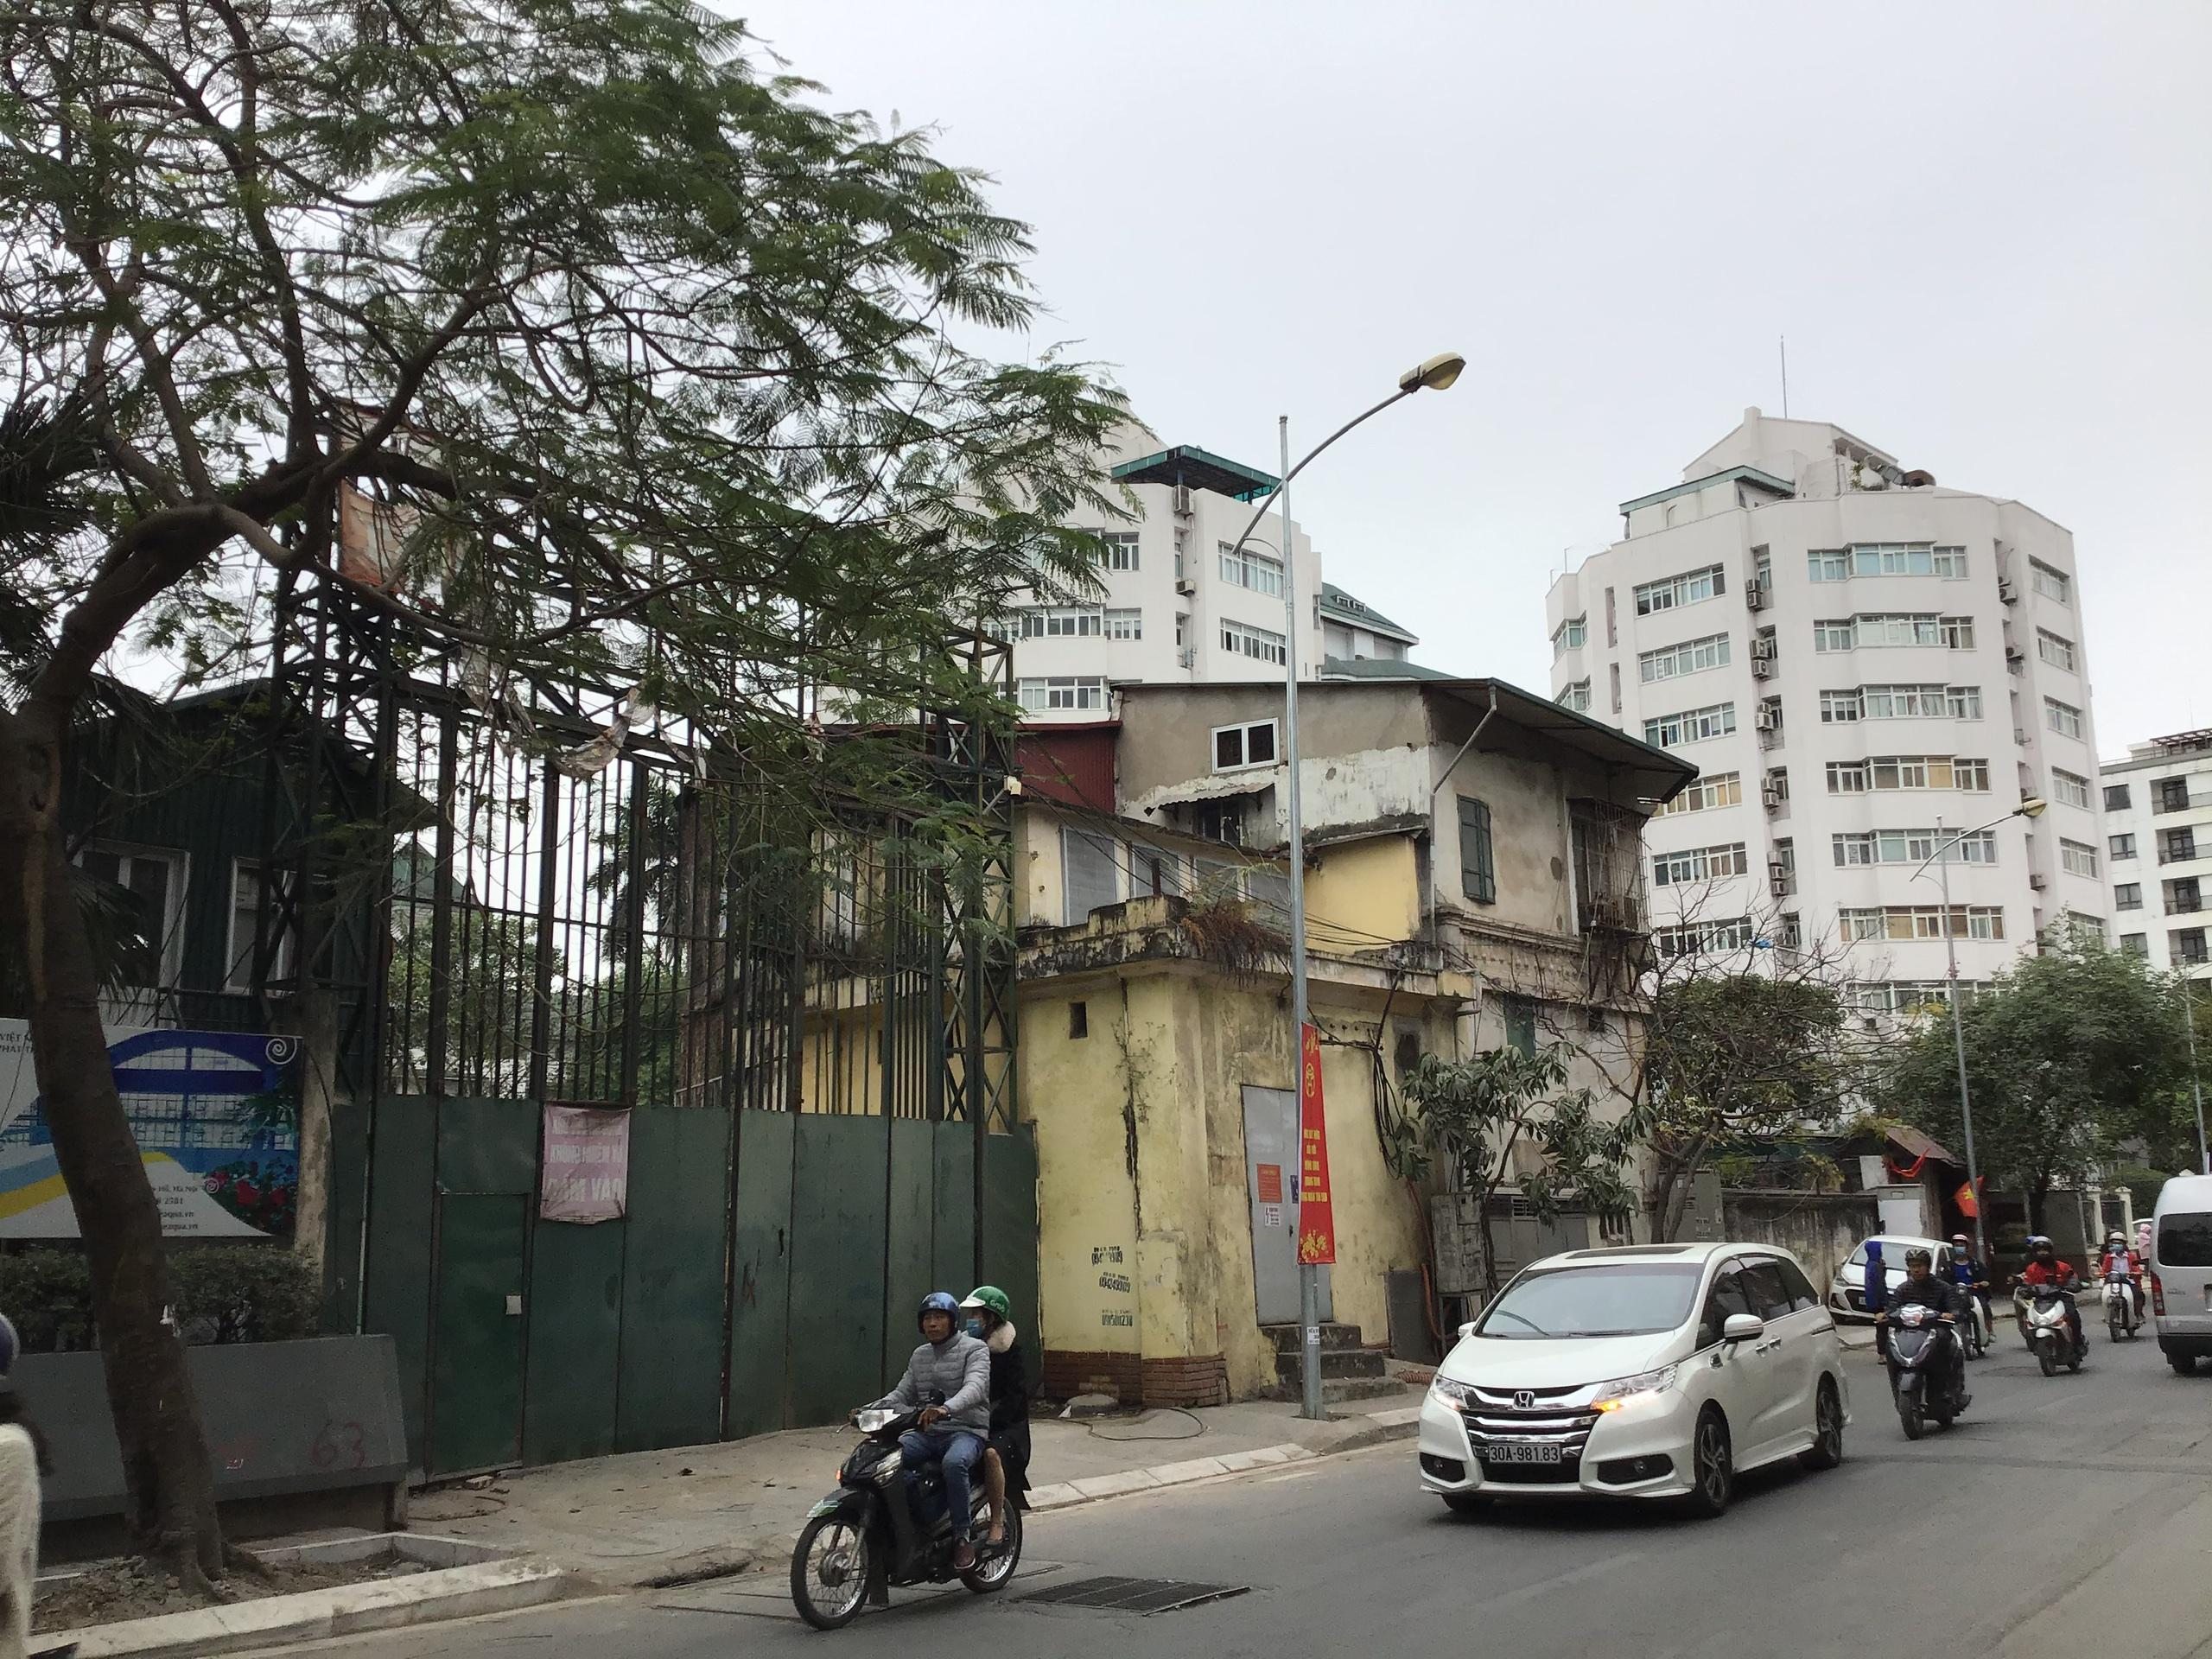 Ba khu đất dính quy hoạch ở phường Thụy Khuê, quận Tây Hồ, Hà Nội - Ảnh 8.